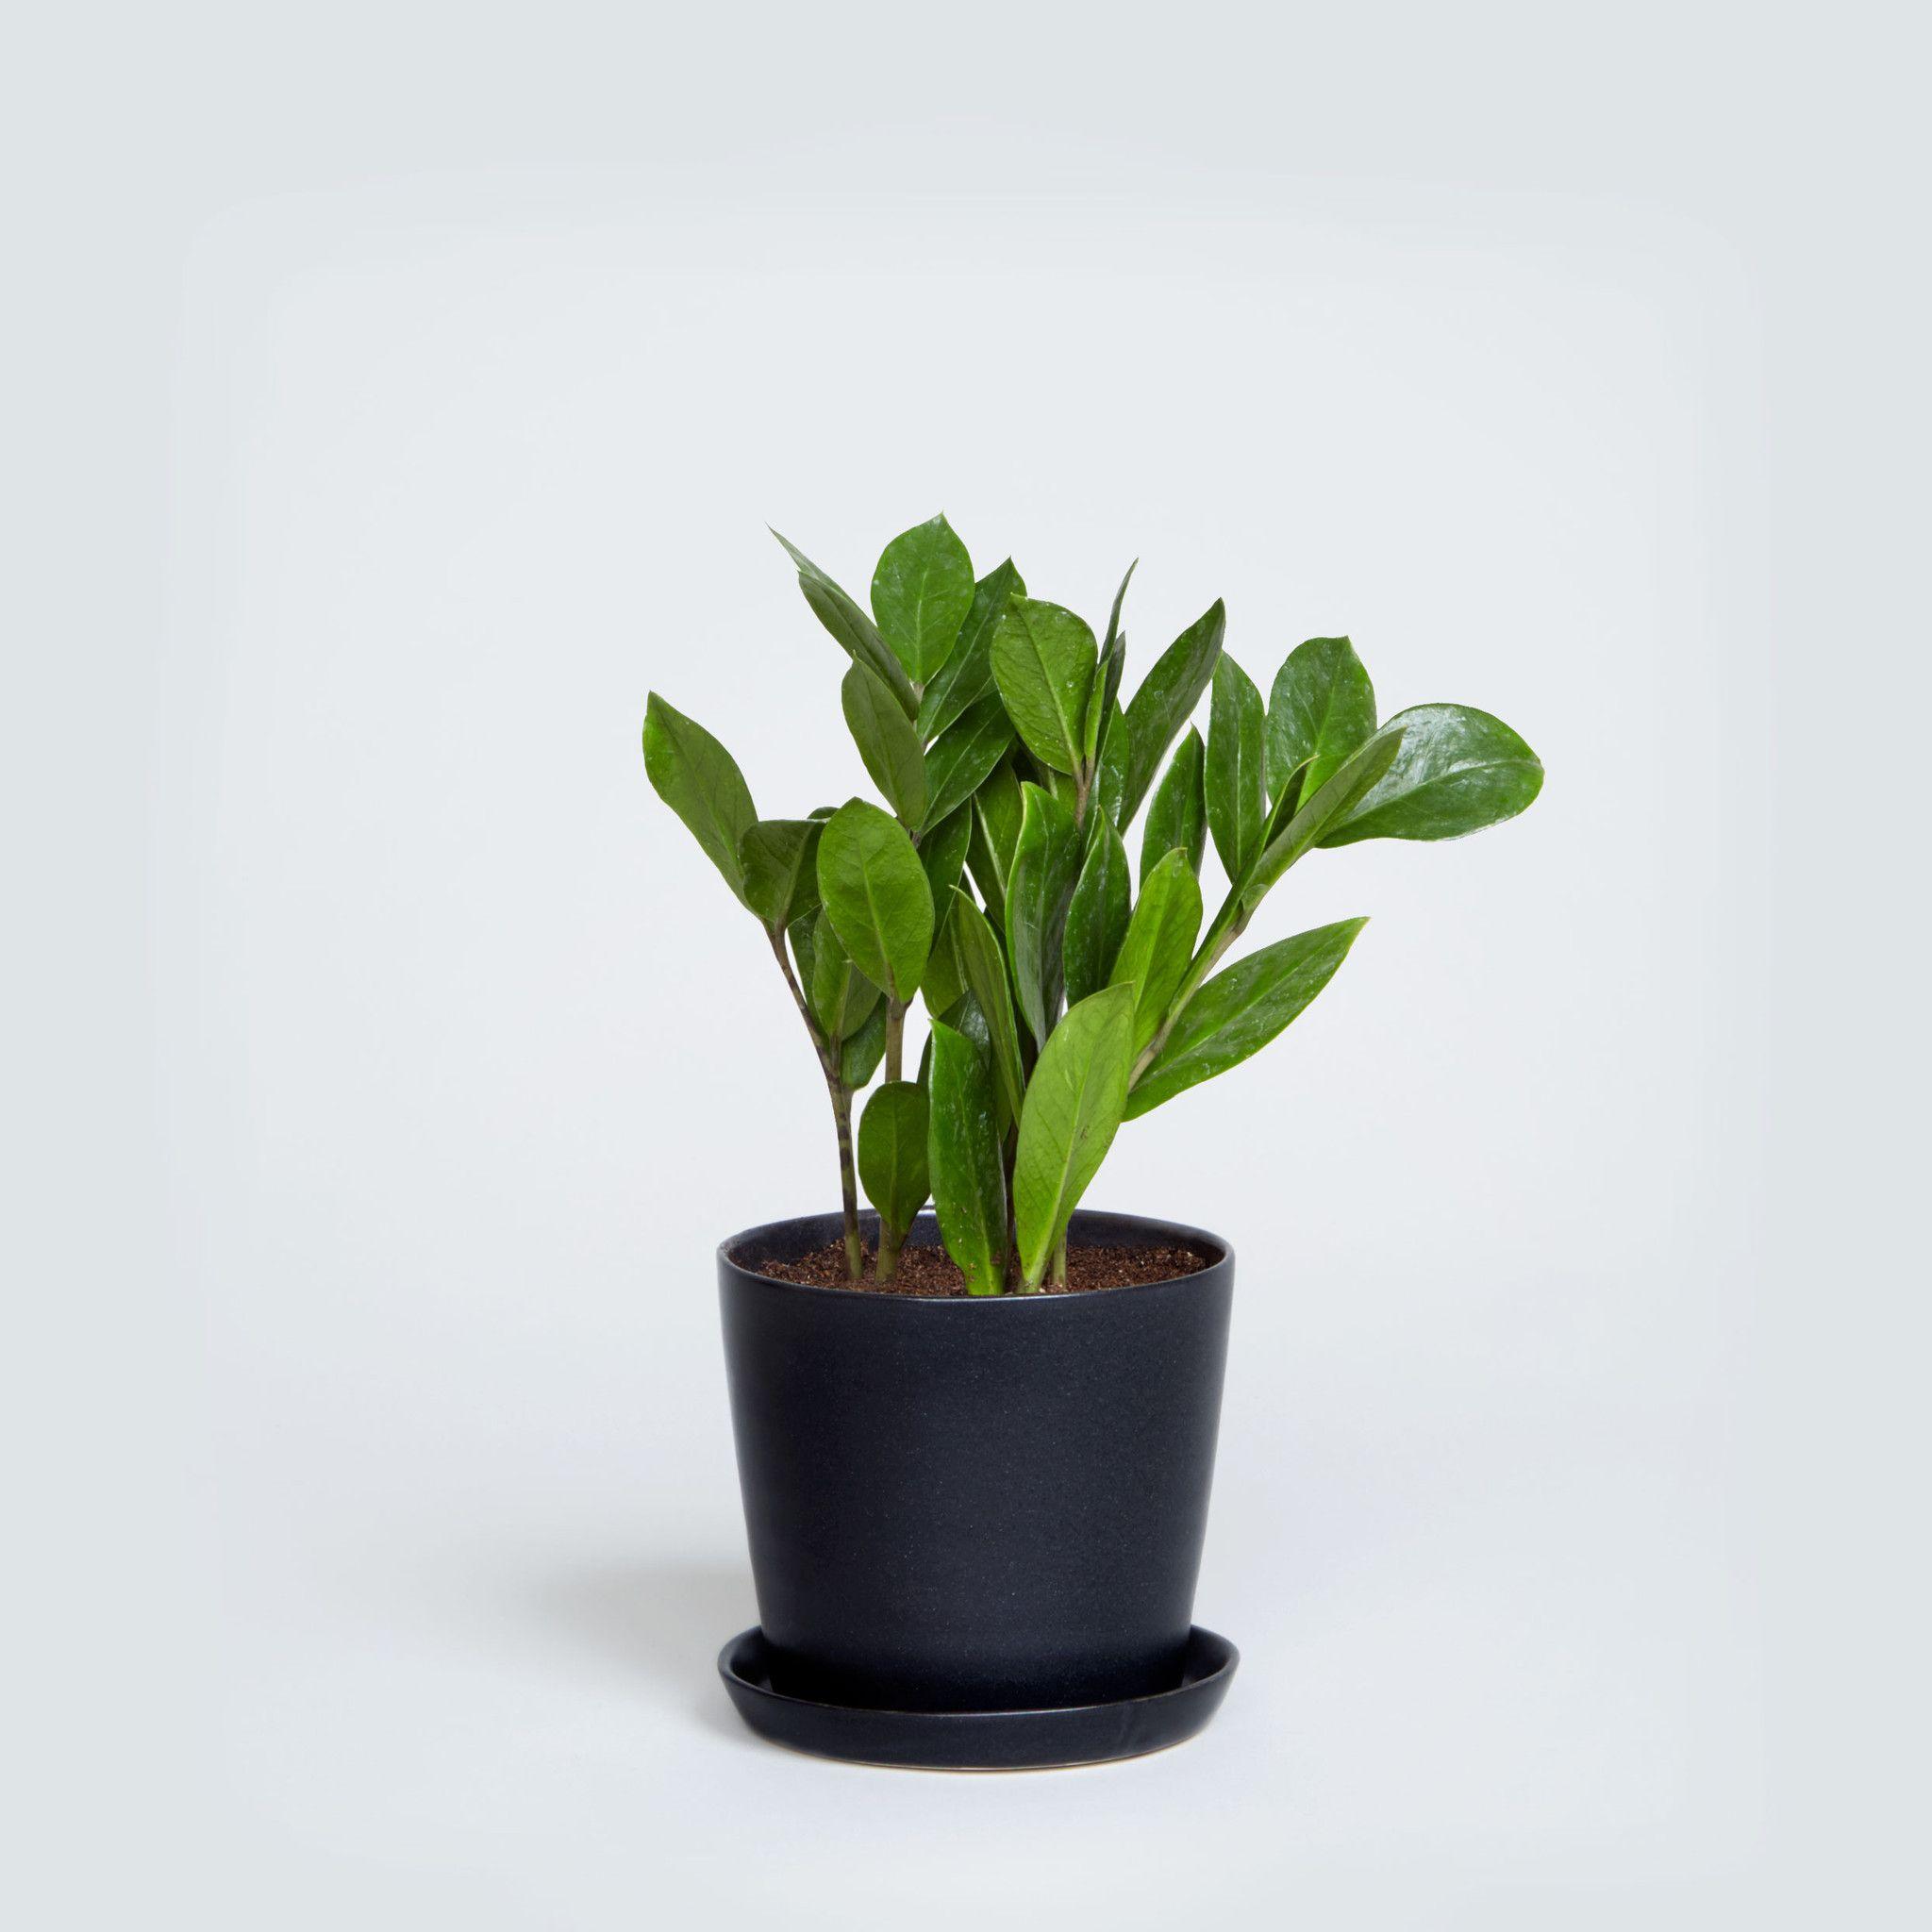 Best Low Light Plants For Bedroom: Low Light Plants, Indoor Plants Low Light